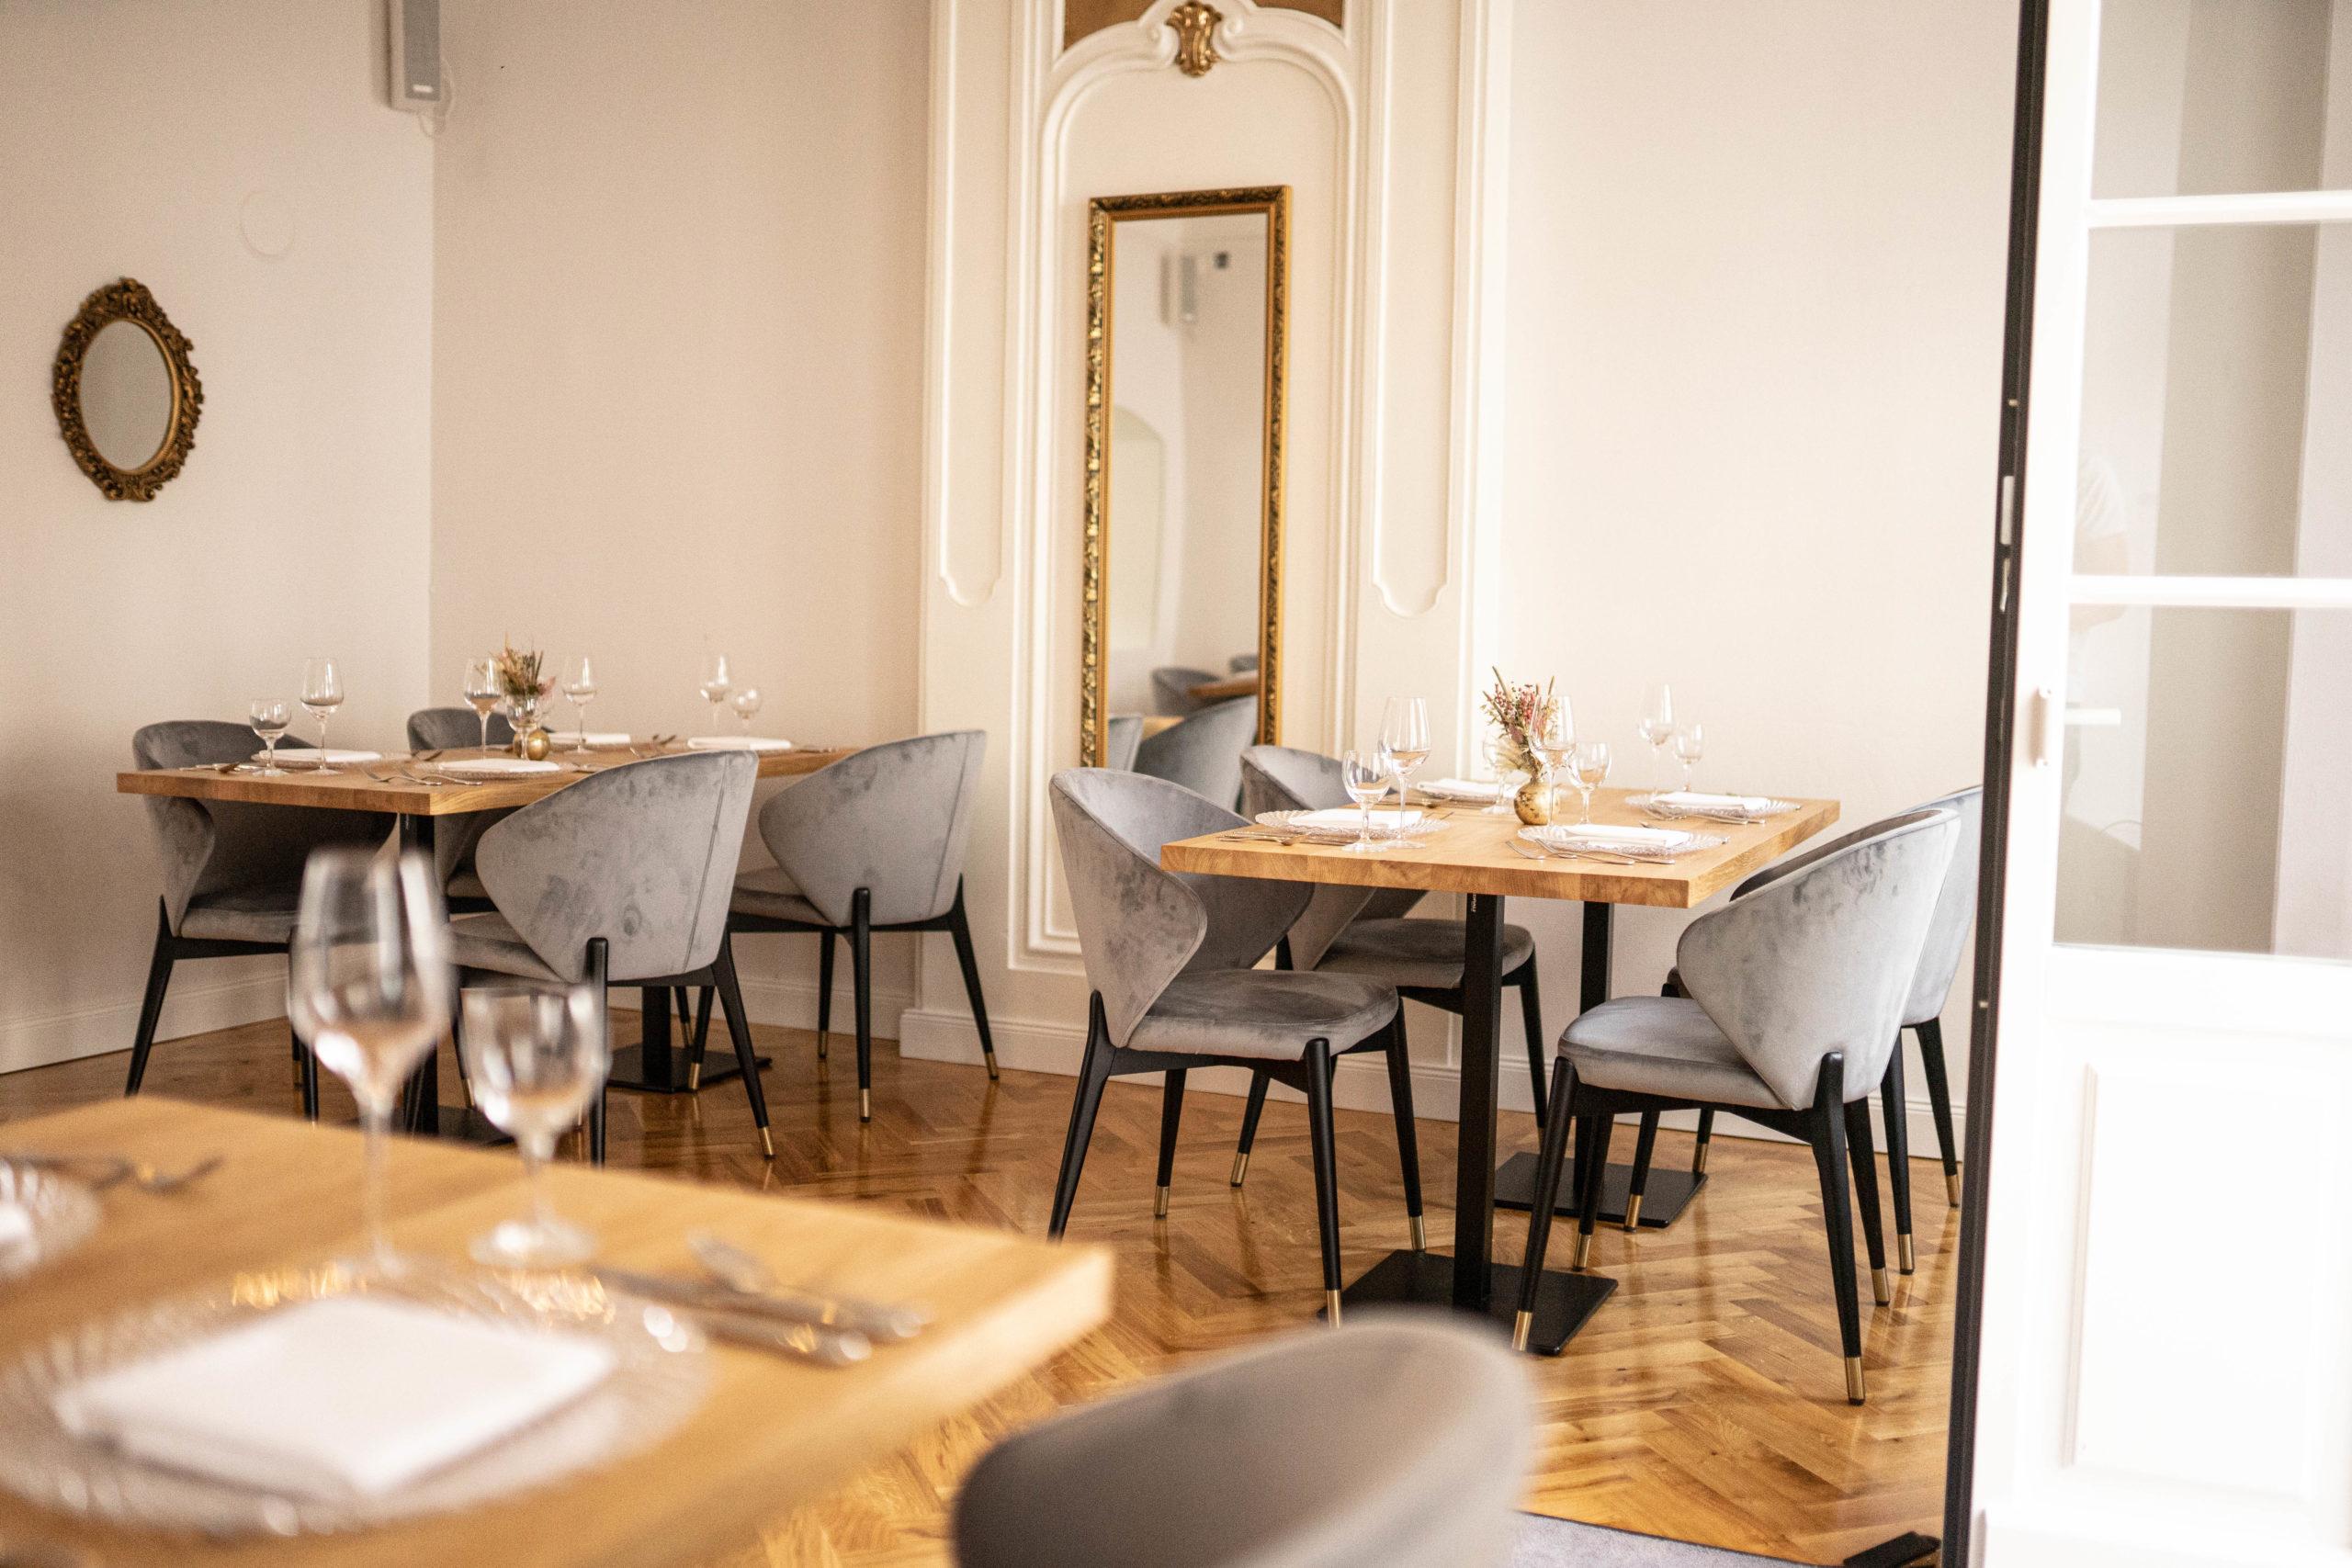 Restaurant_Handelshof_PetitSalon